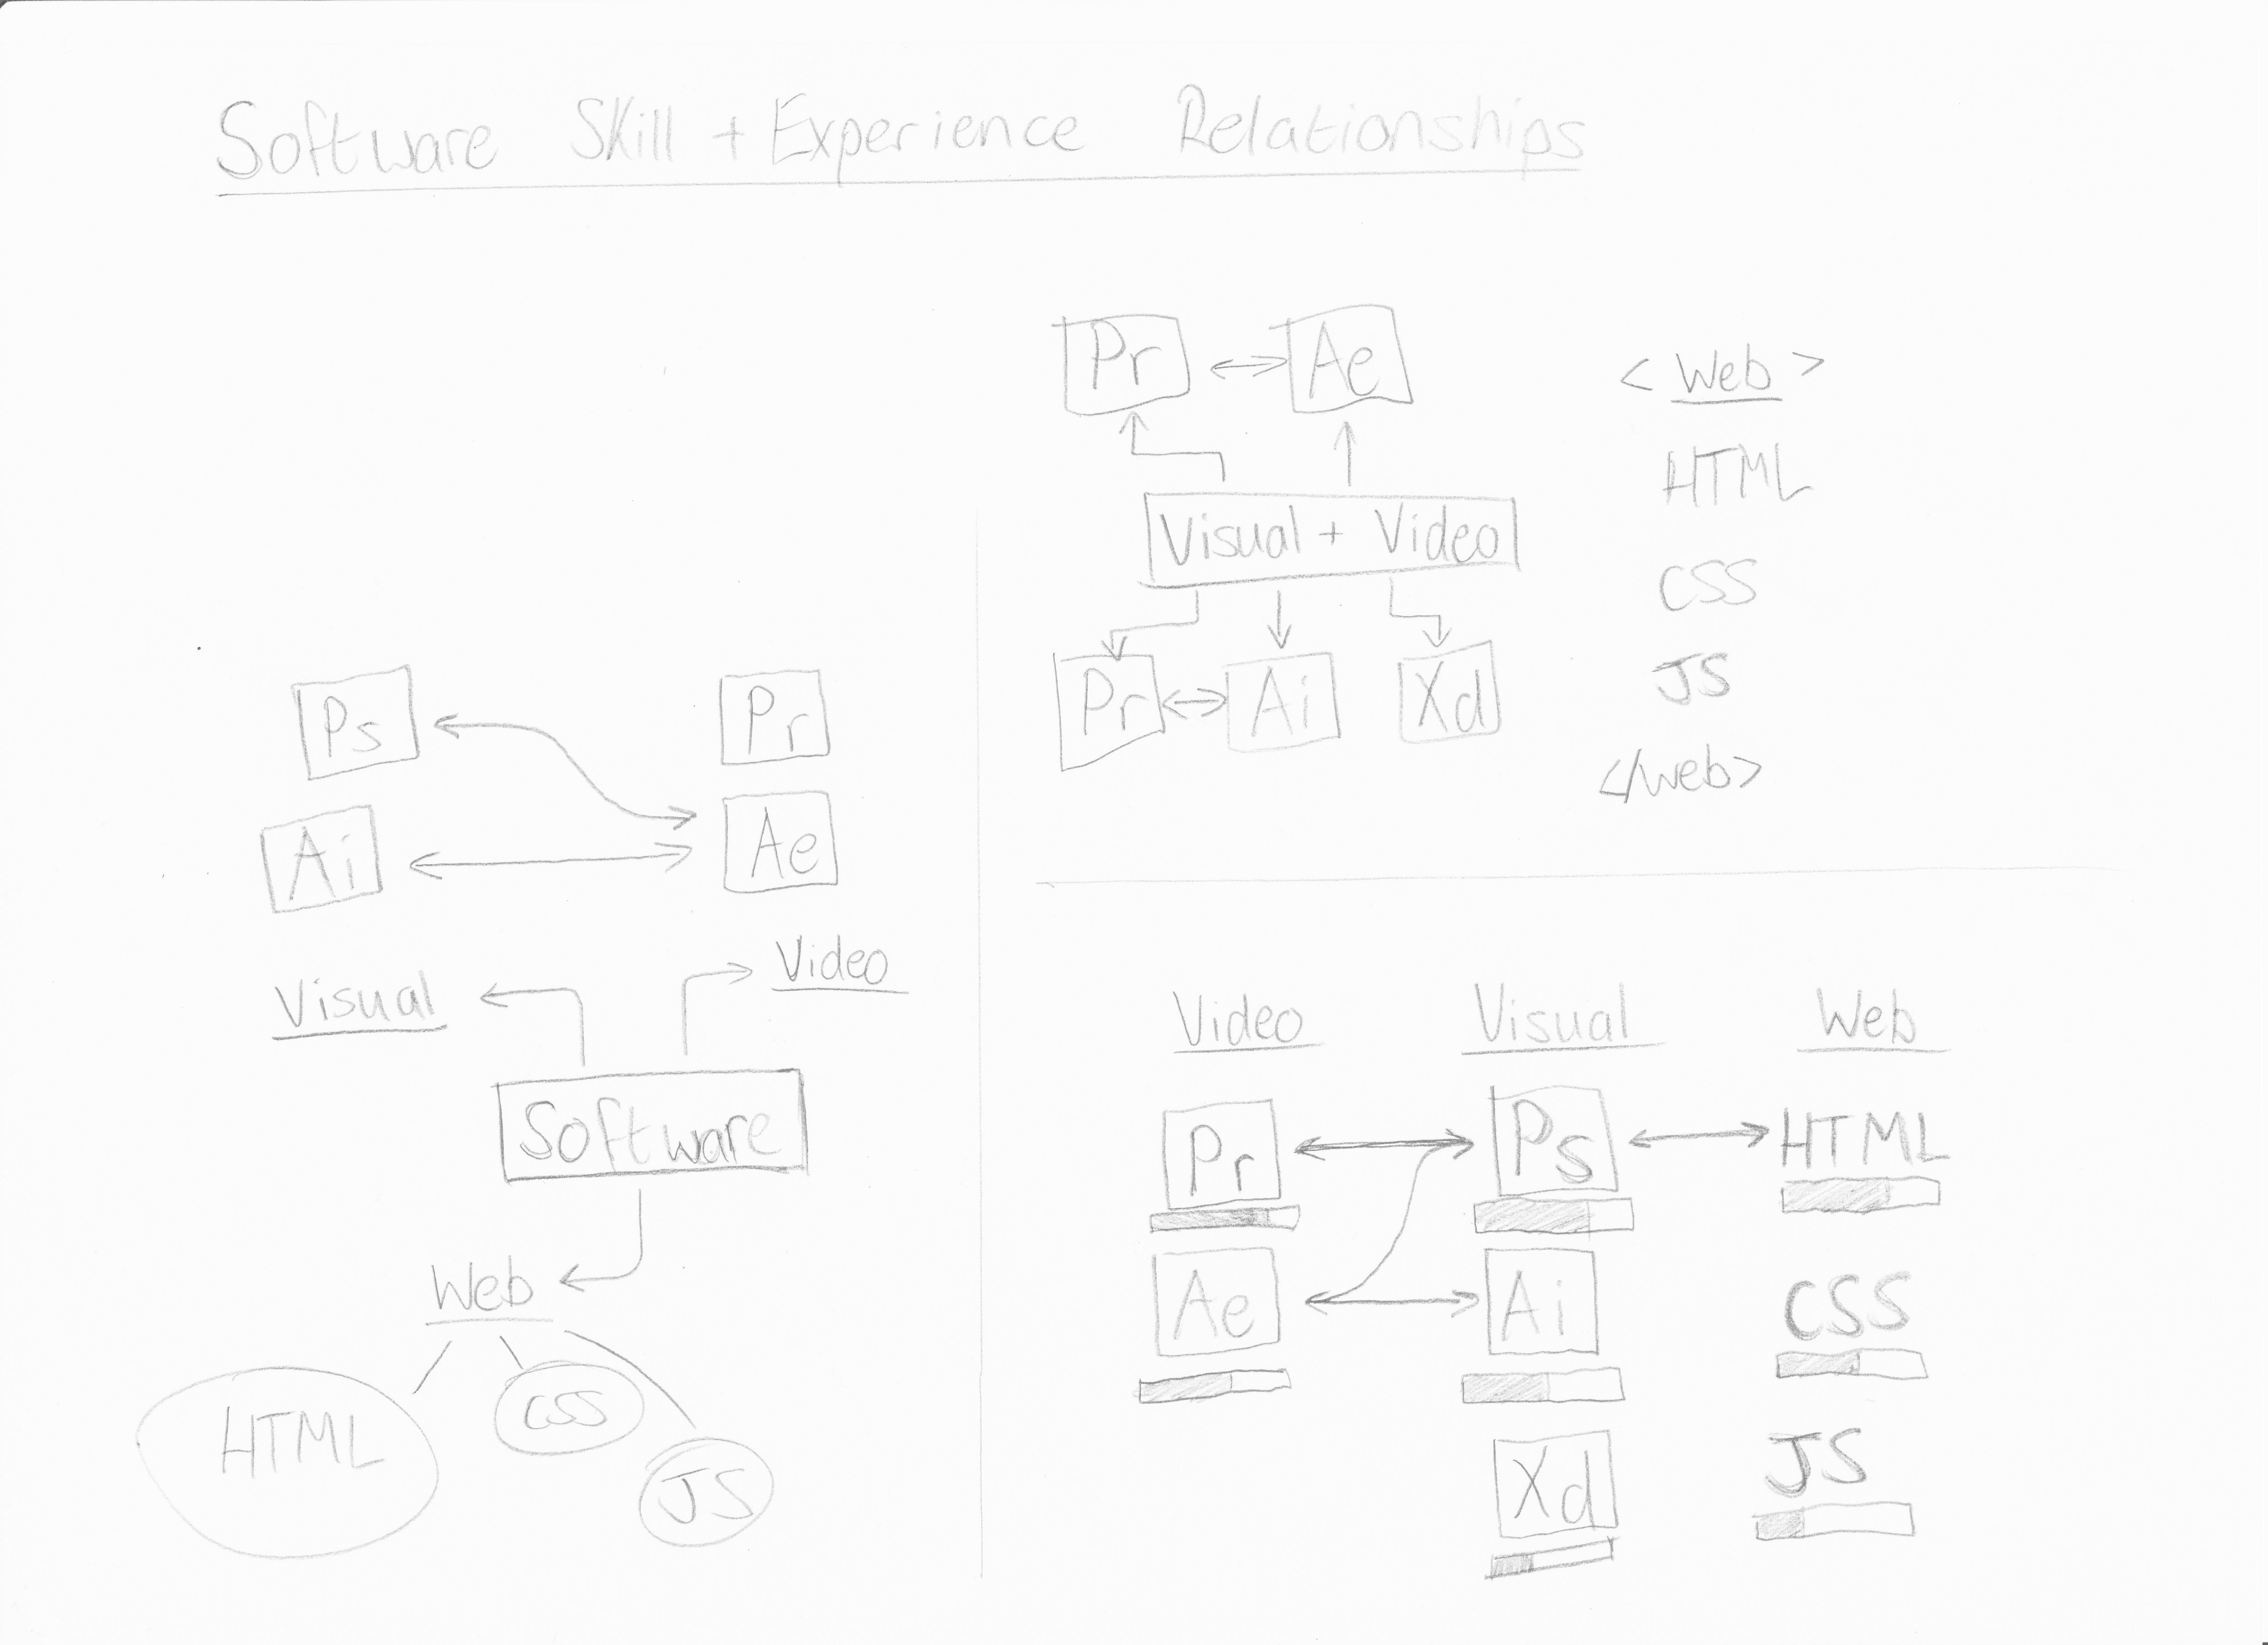 ipad_dashboard_sketch_1